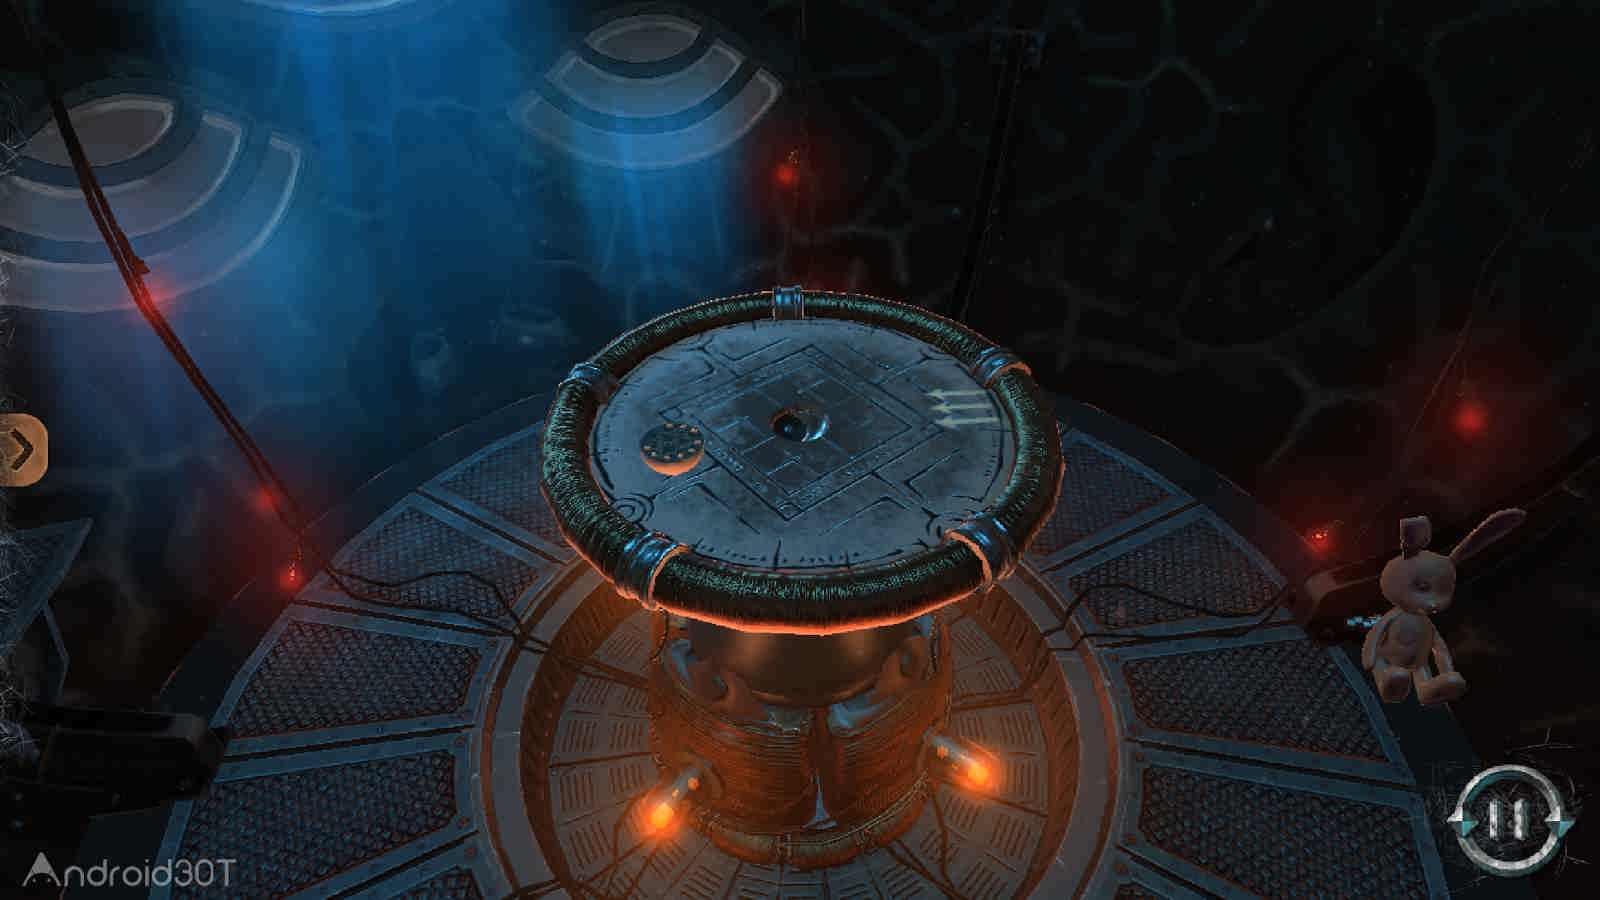 دانلود Riddlord: The Consequence 1.052 – بازی پازلی و معمایی اندروید